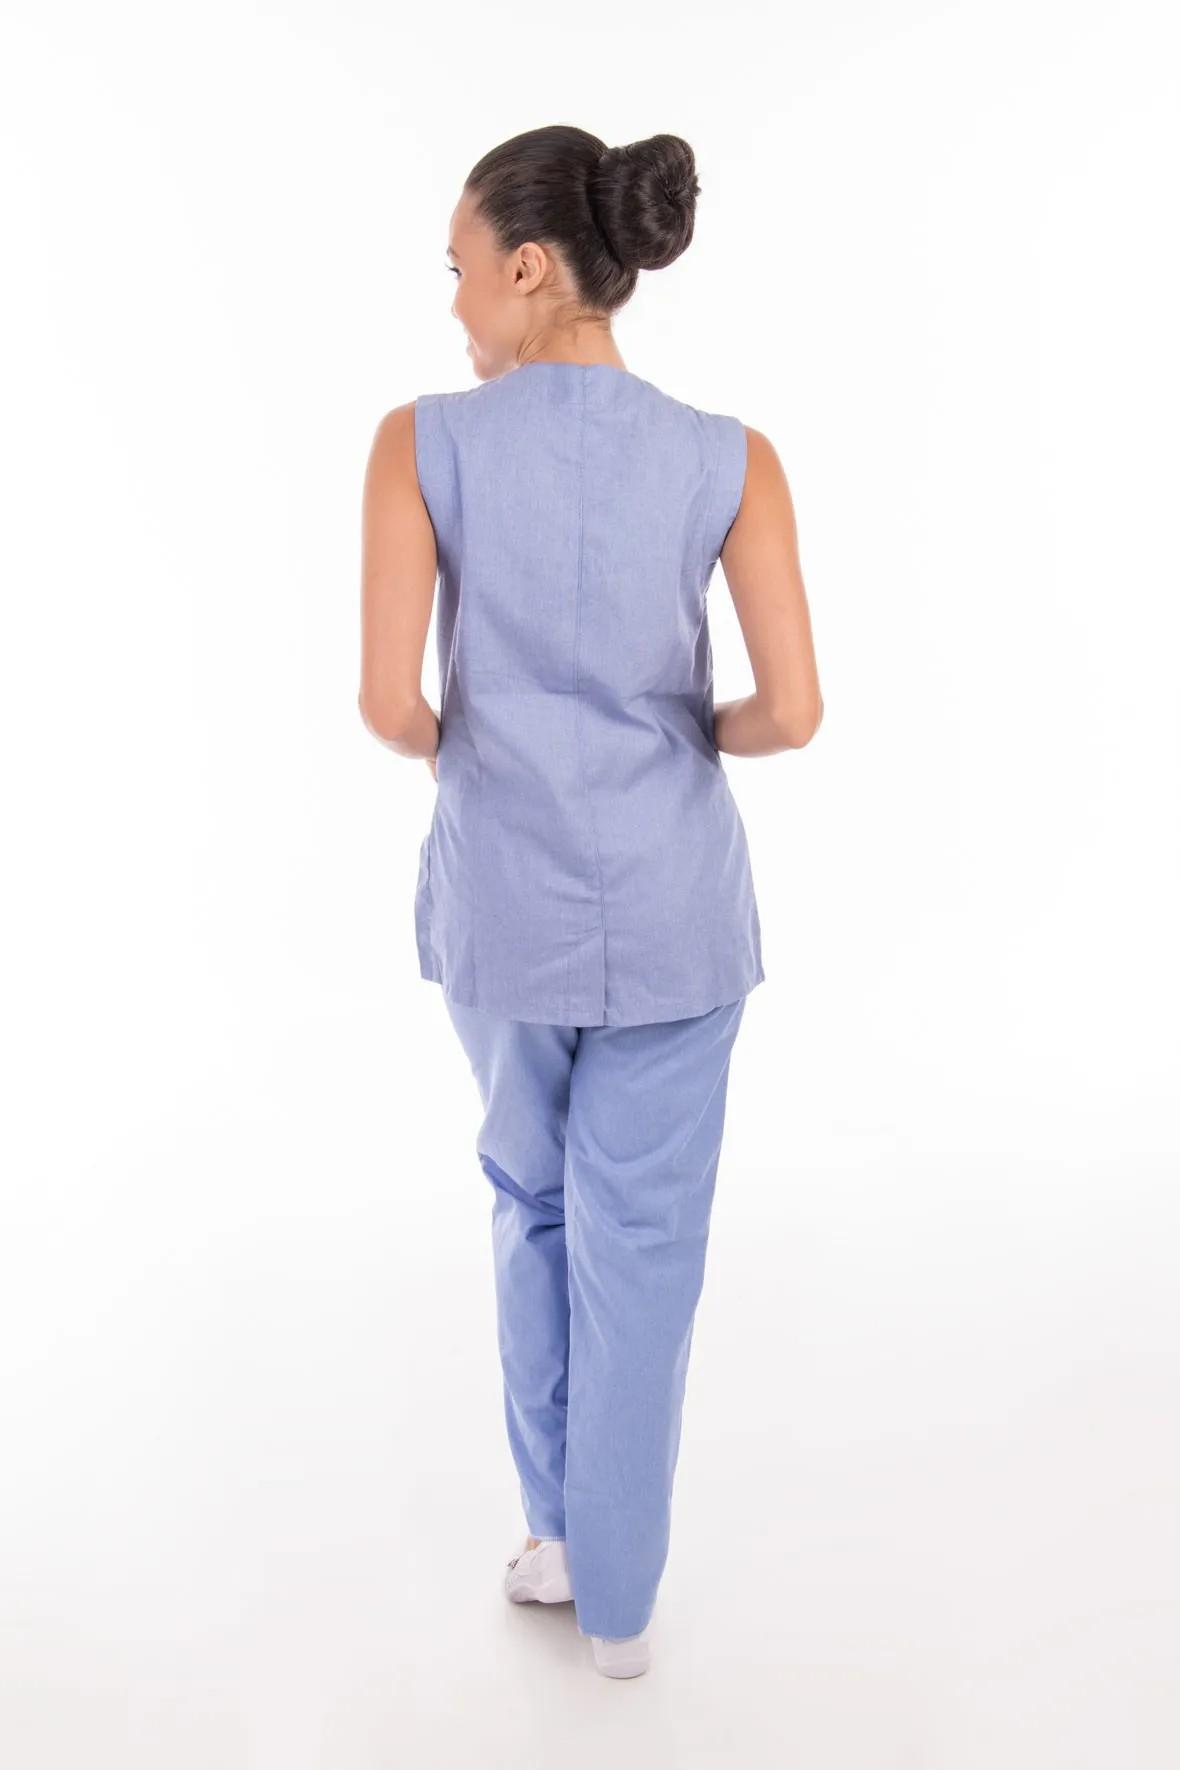 Conjunto de colete com calça em algodão para copeira, arrumadeira, doméstica  - EBT UNIFORMES